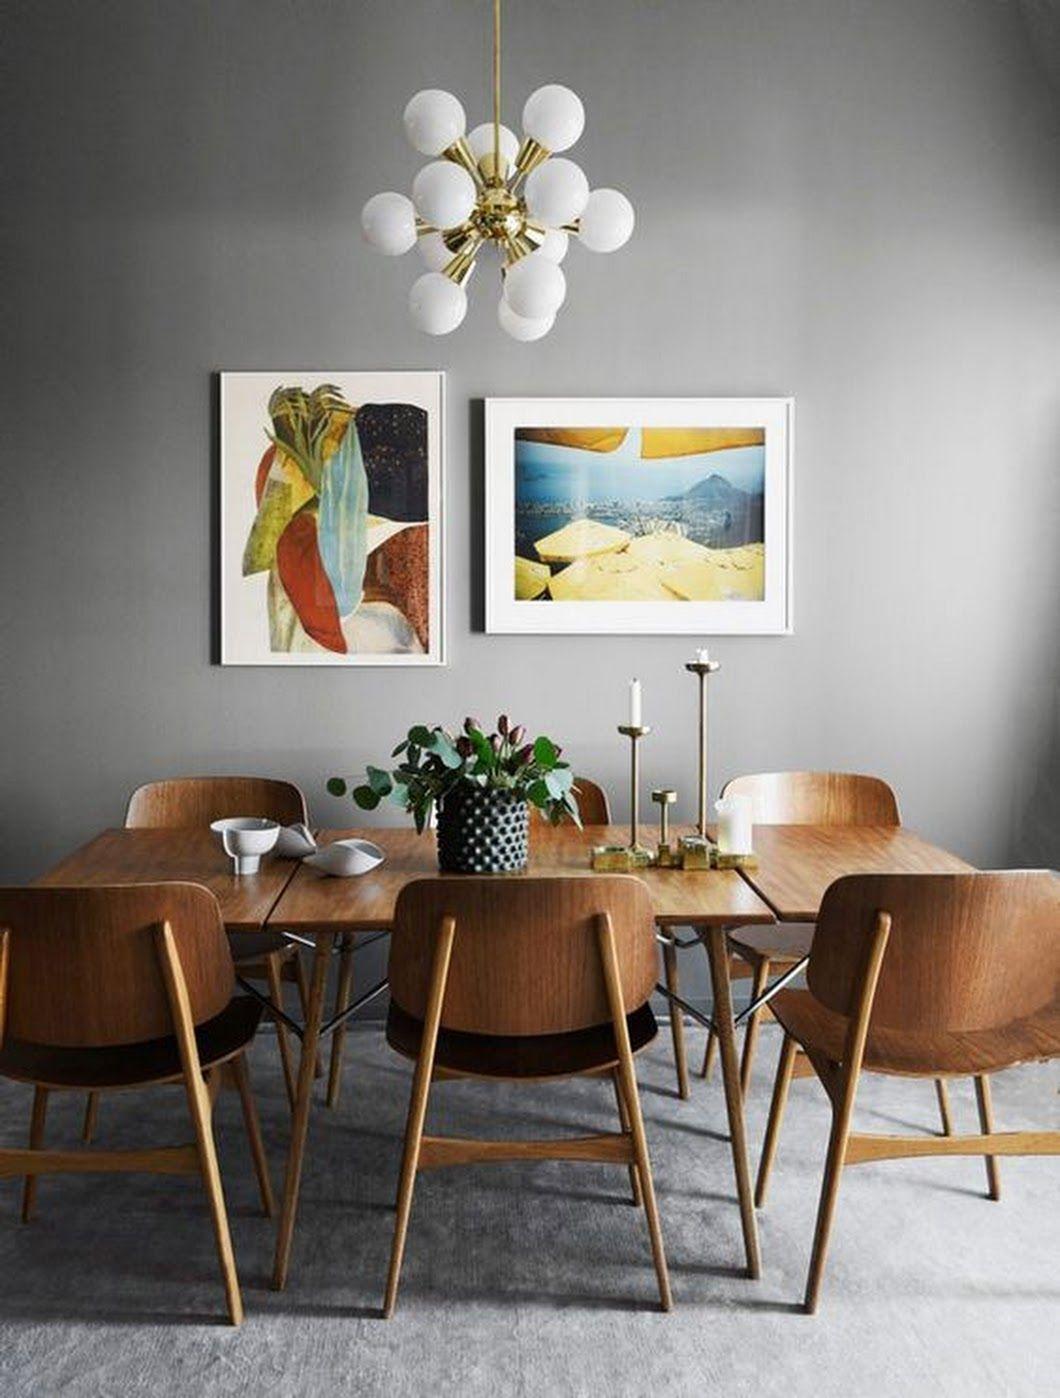 Retro Esstisch Mit Passenden Stühlen Im Esszimmer, Ideen Esszimmer,  Gestaltung Essbereich, Esstisch Aus